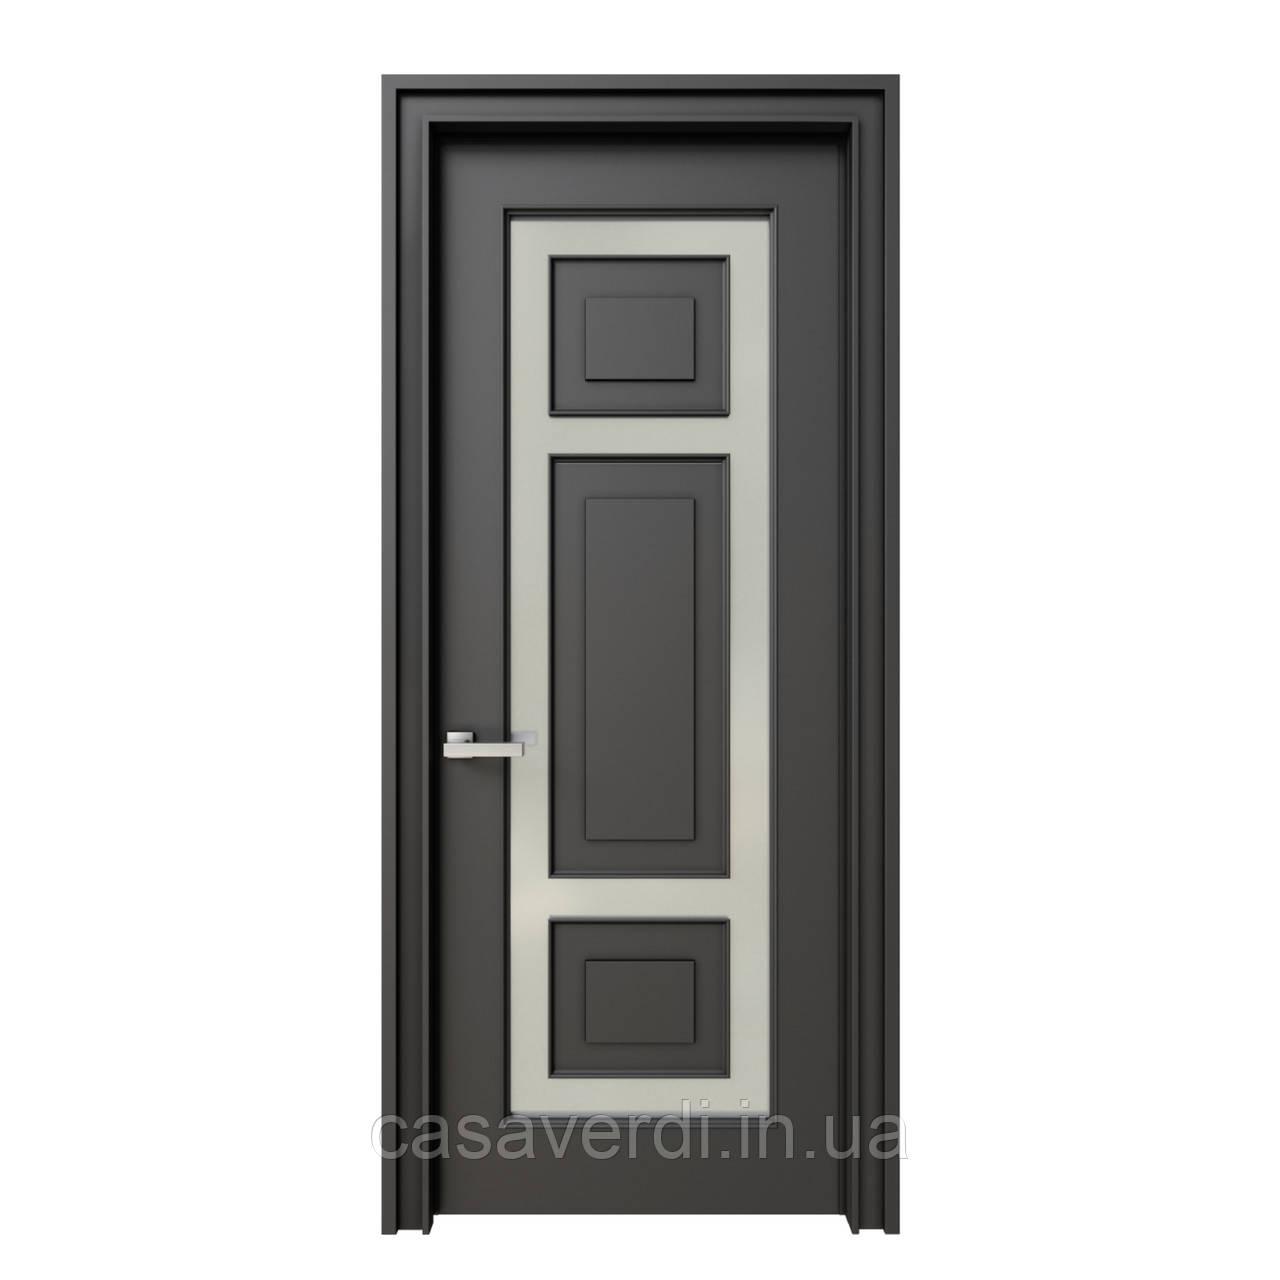 Межкомнатная дверь Casa Verdi Vetro 6 из массива ольхи